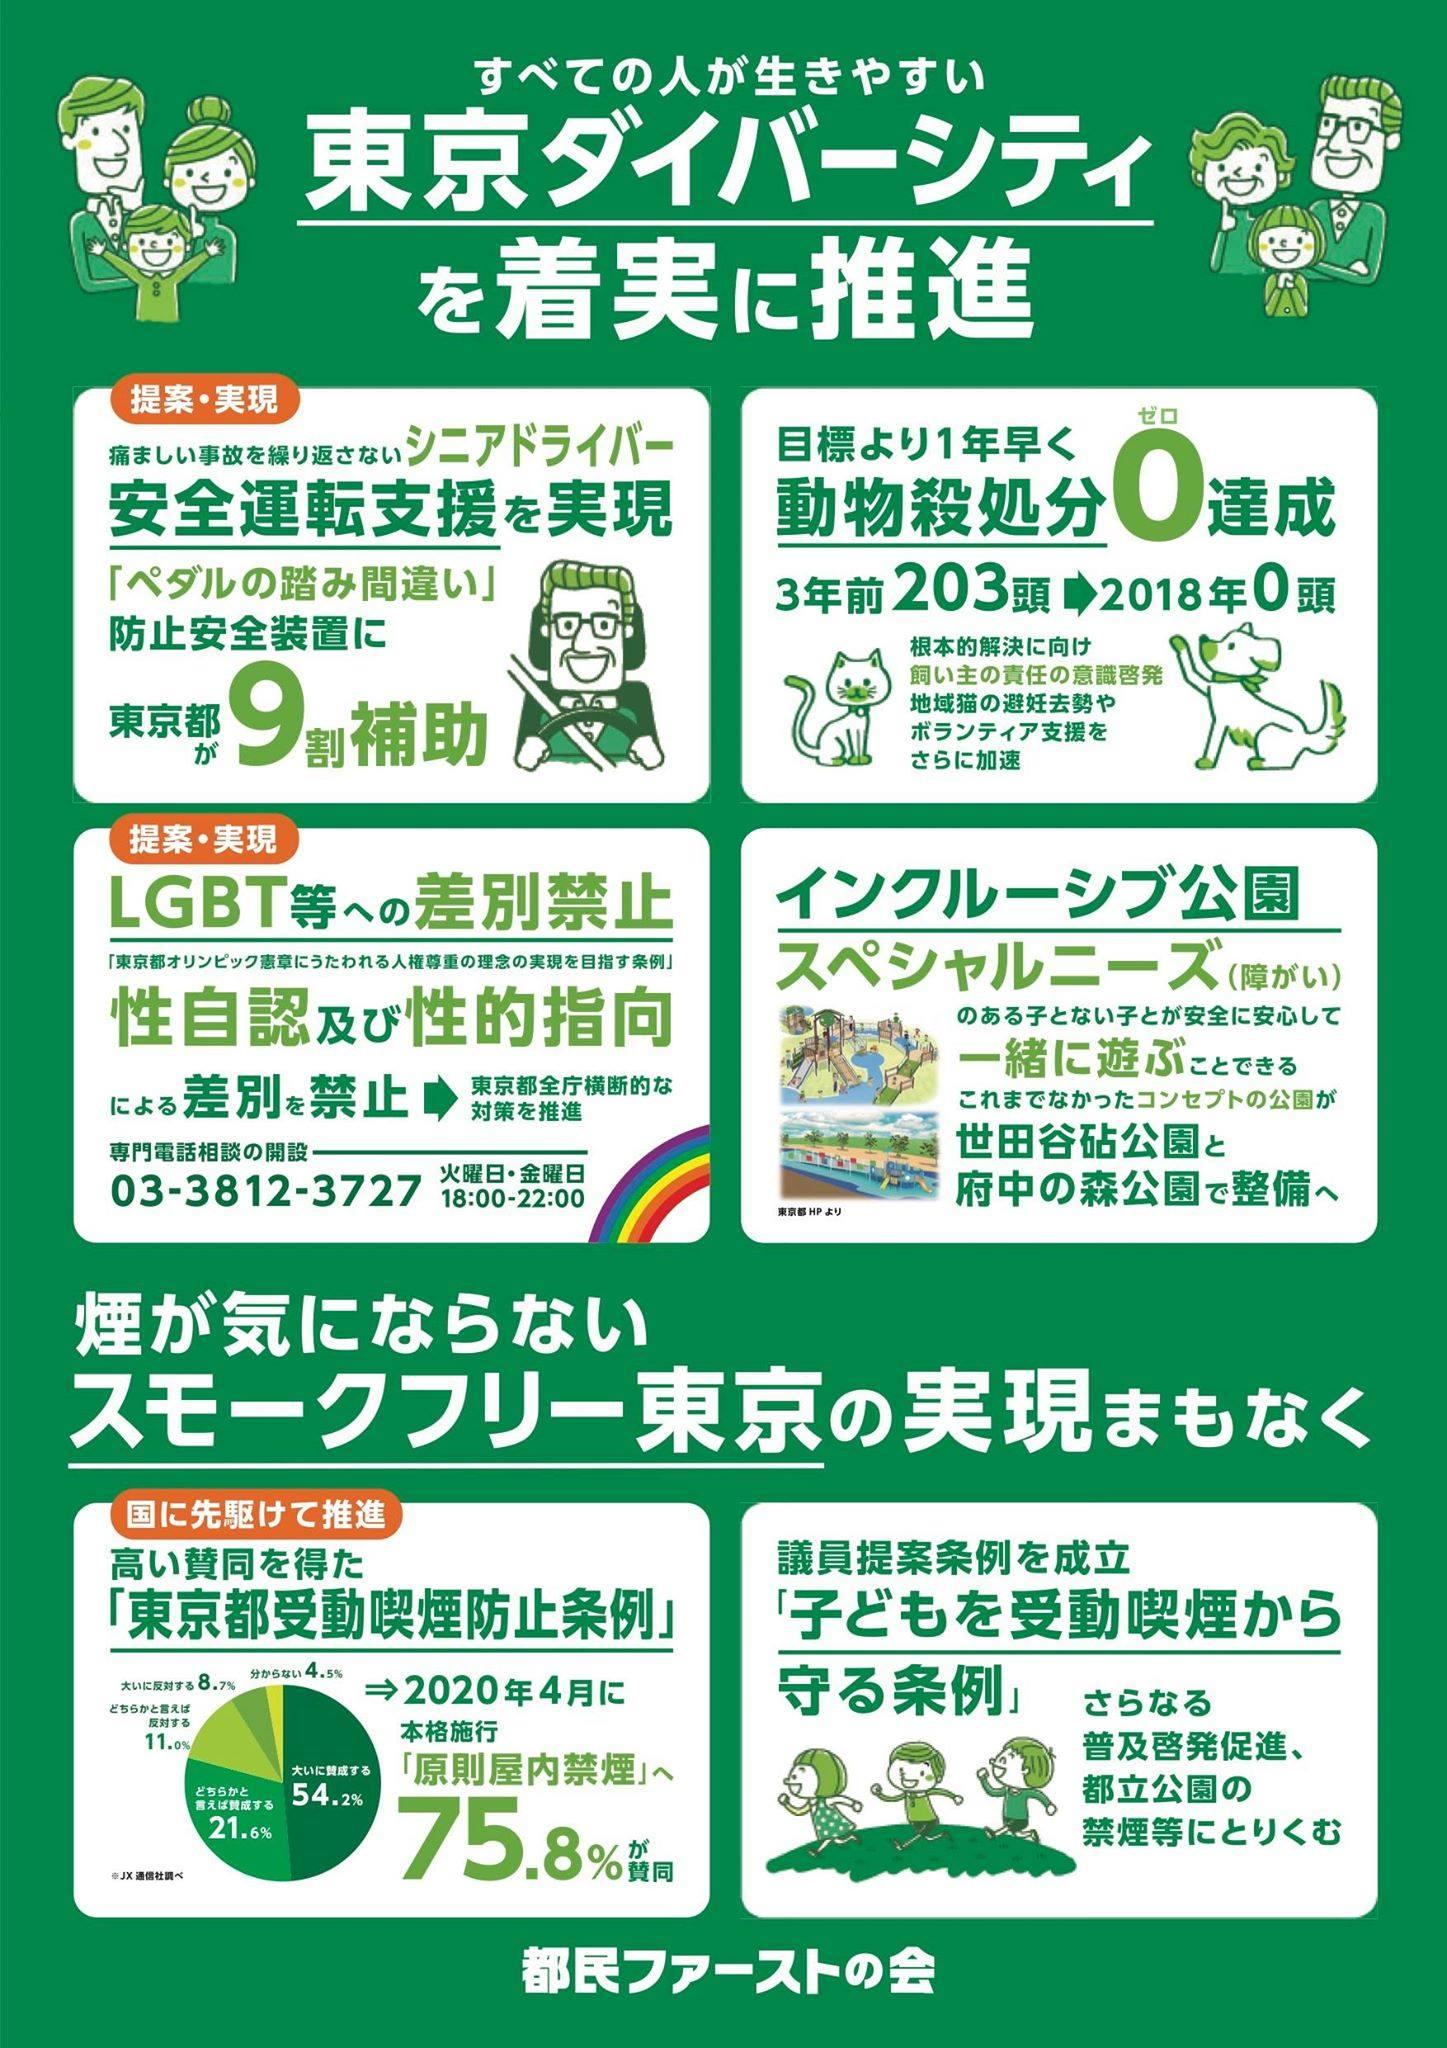 東京ダイバーシティを着実に推進